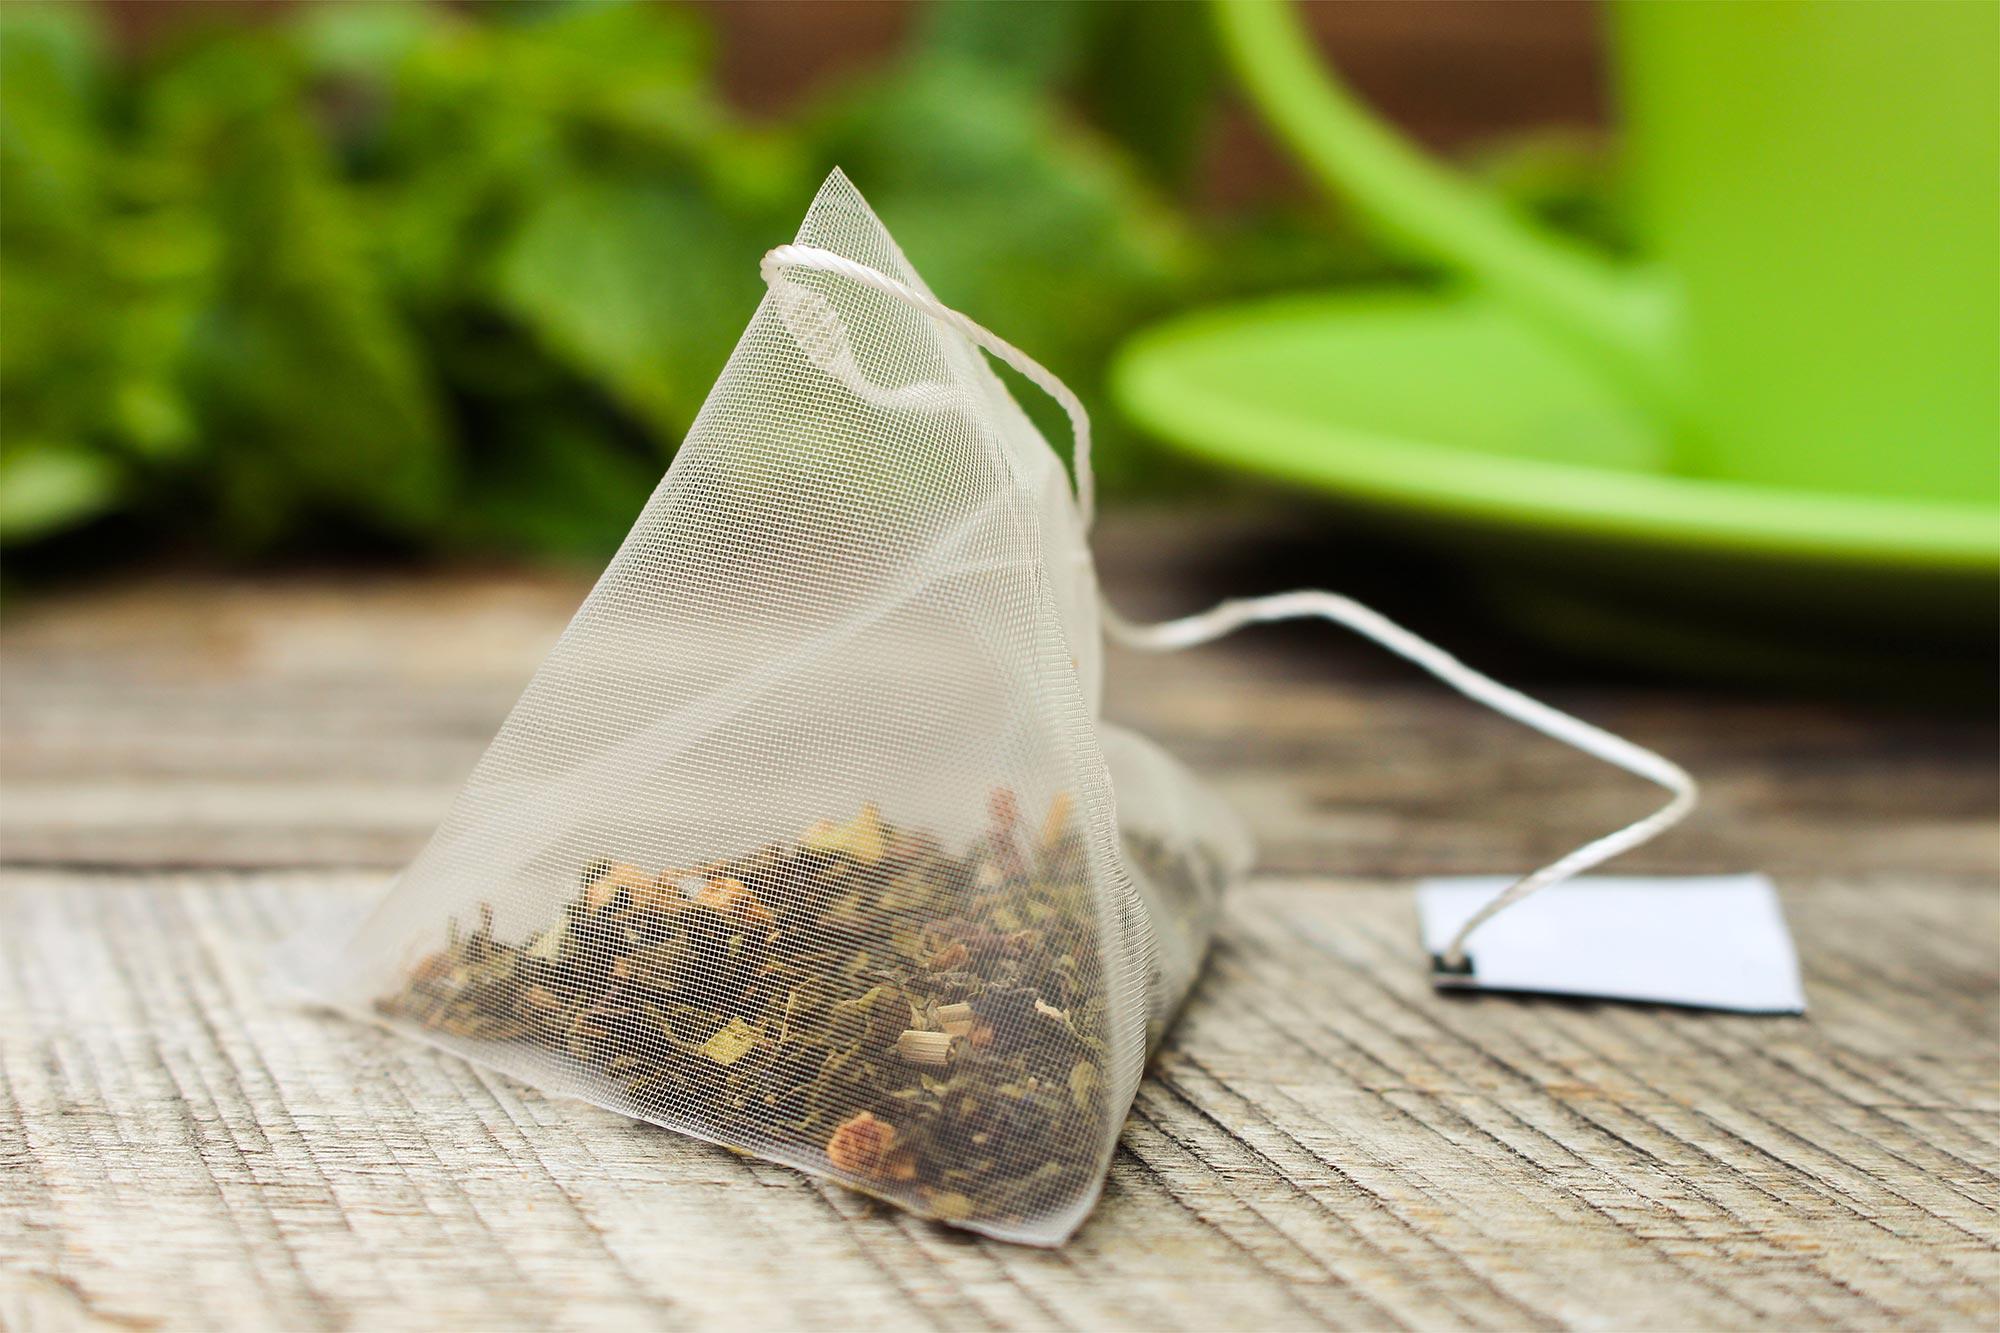 Ý tưởng về phương pháp pha trà nhanh gon và vẫn giữ được hương vị trọn vẹn